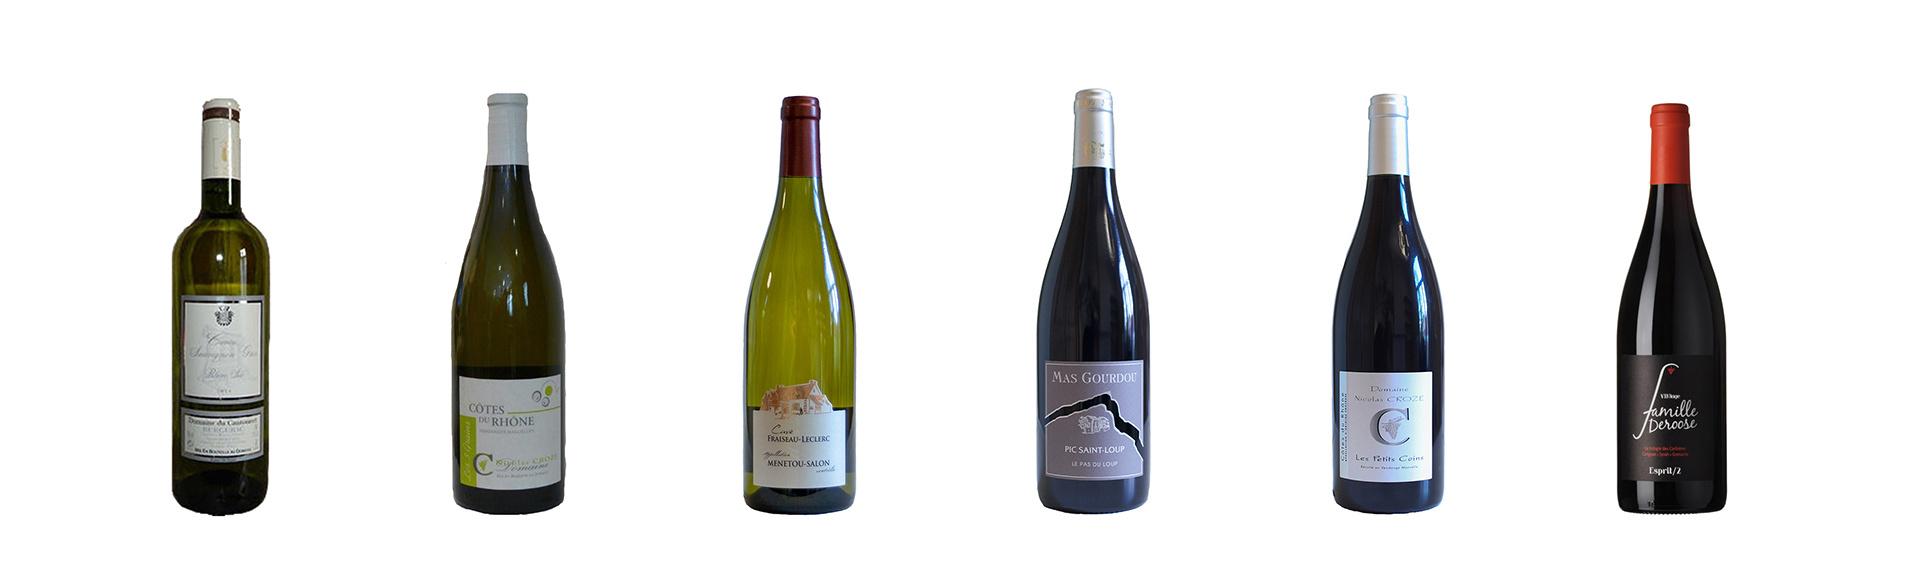 Wijnpakket van 6 Franse wijnen